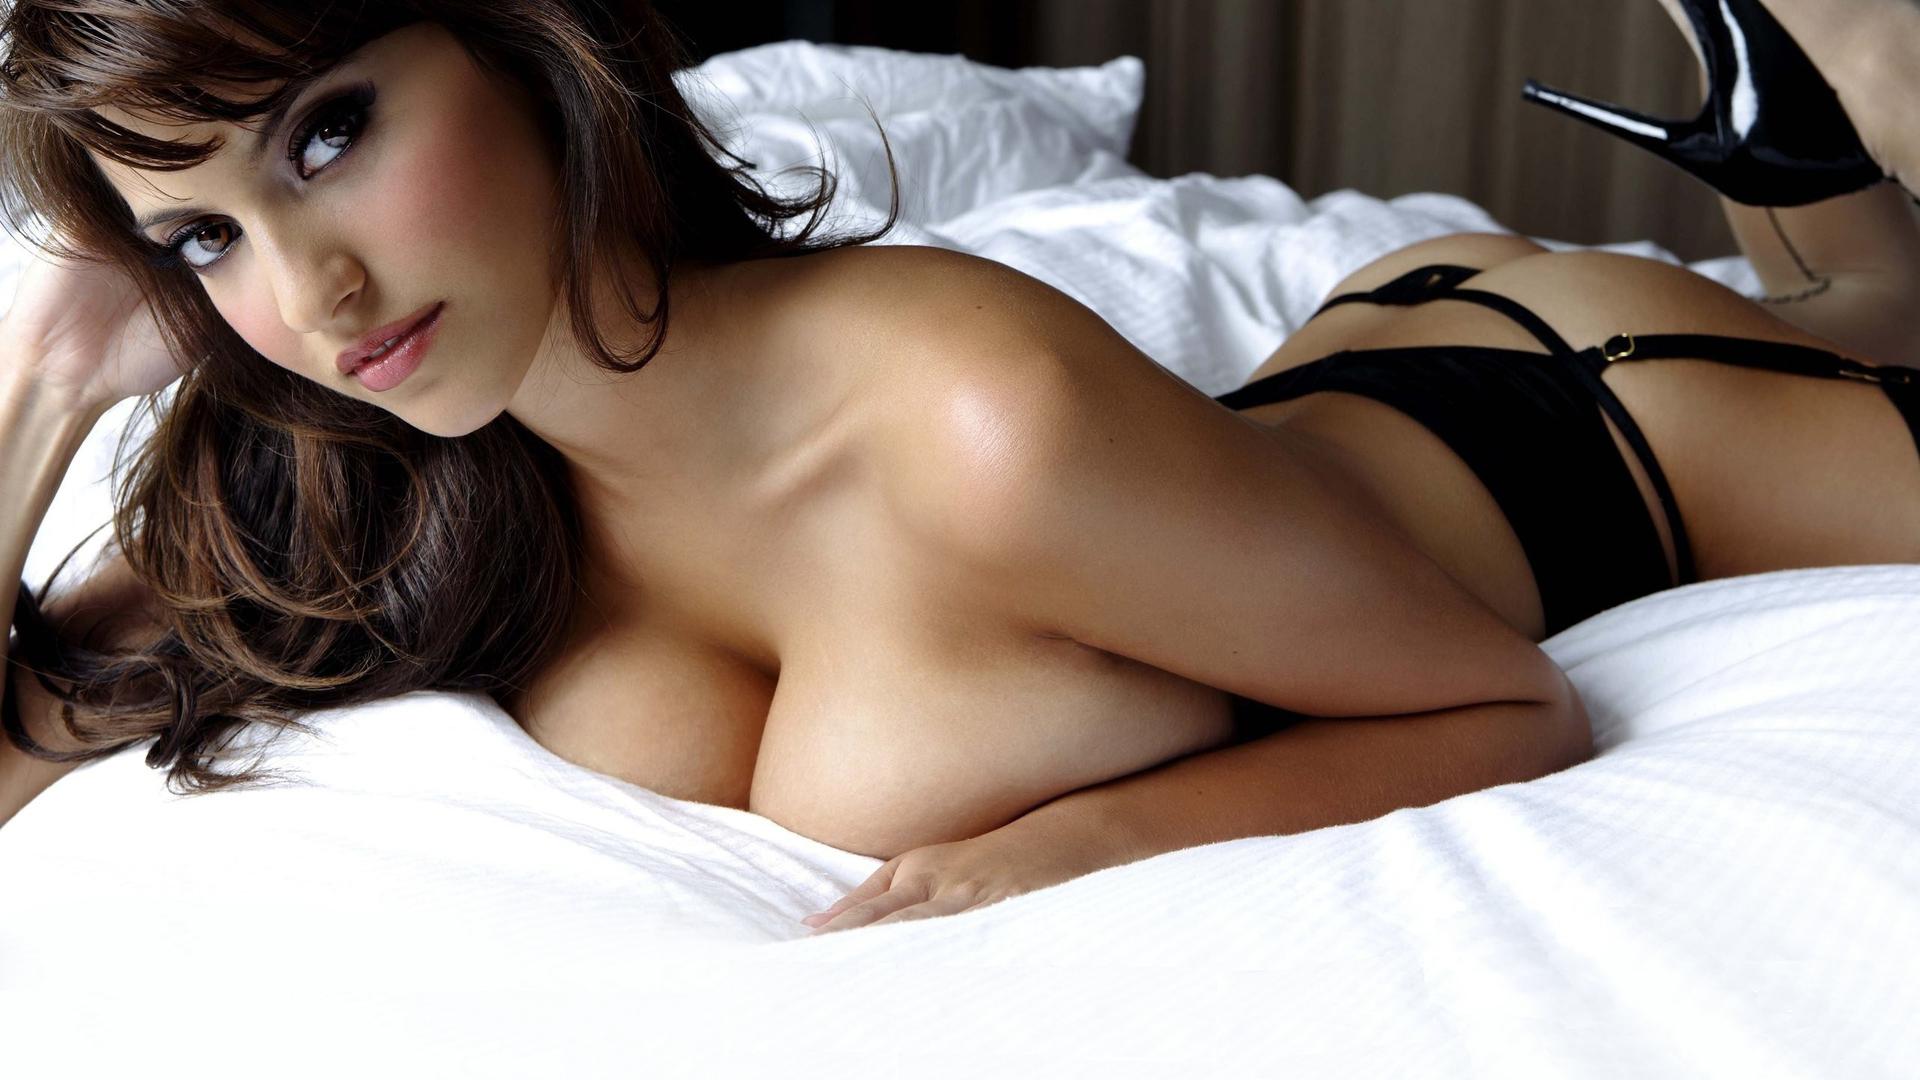 Смотреть мужчина мнет женскую грудь 9 фотография